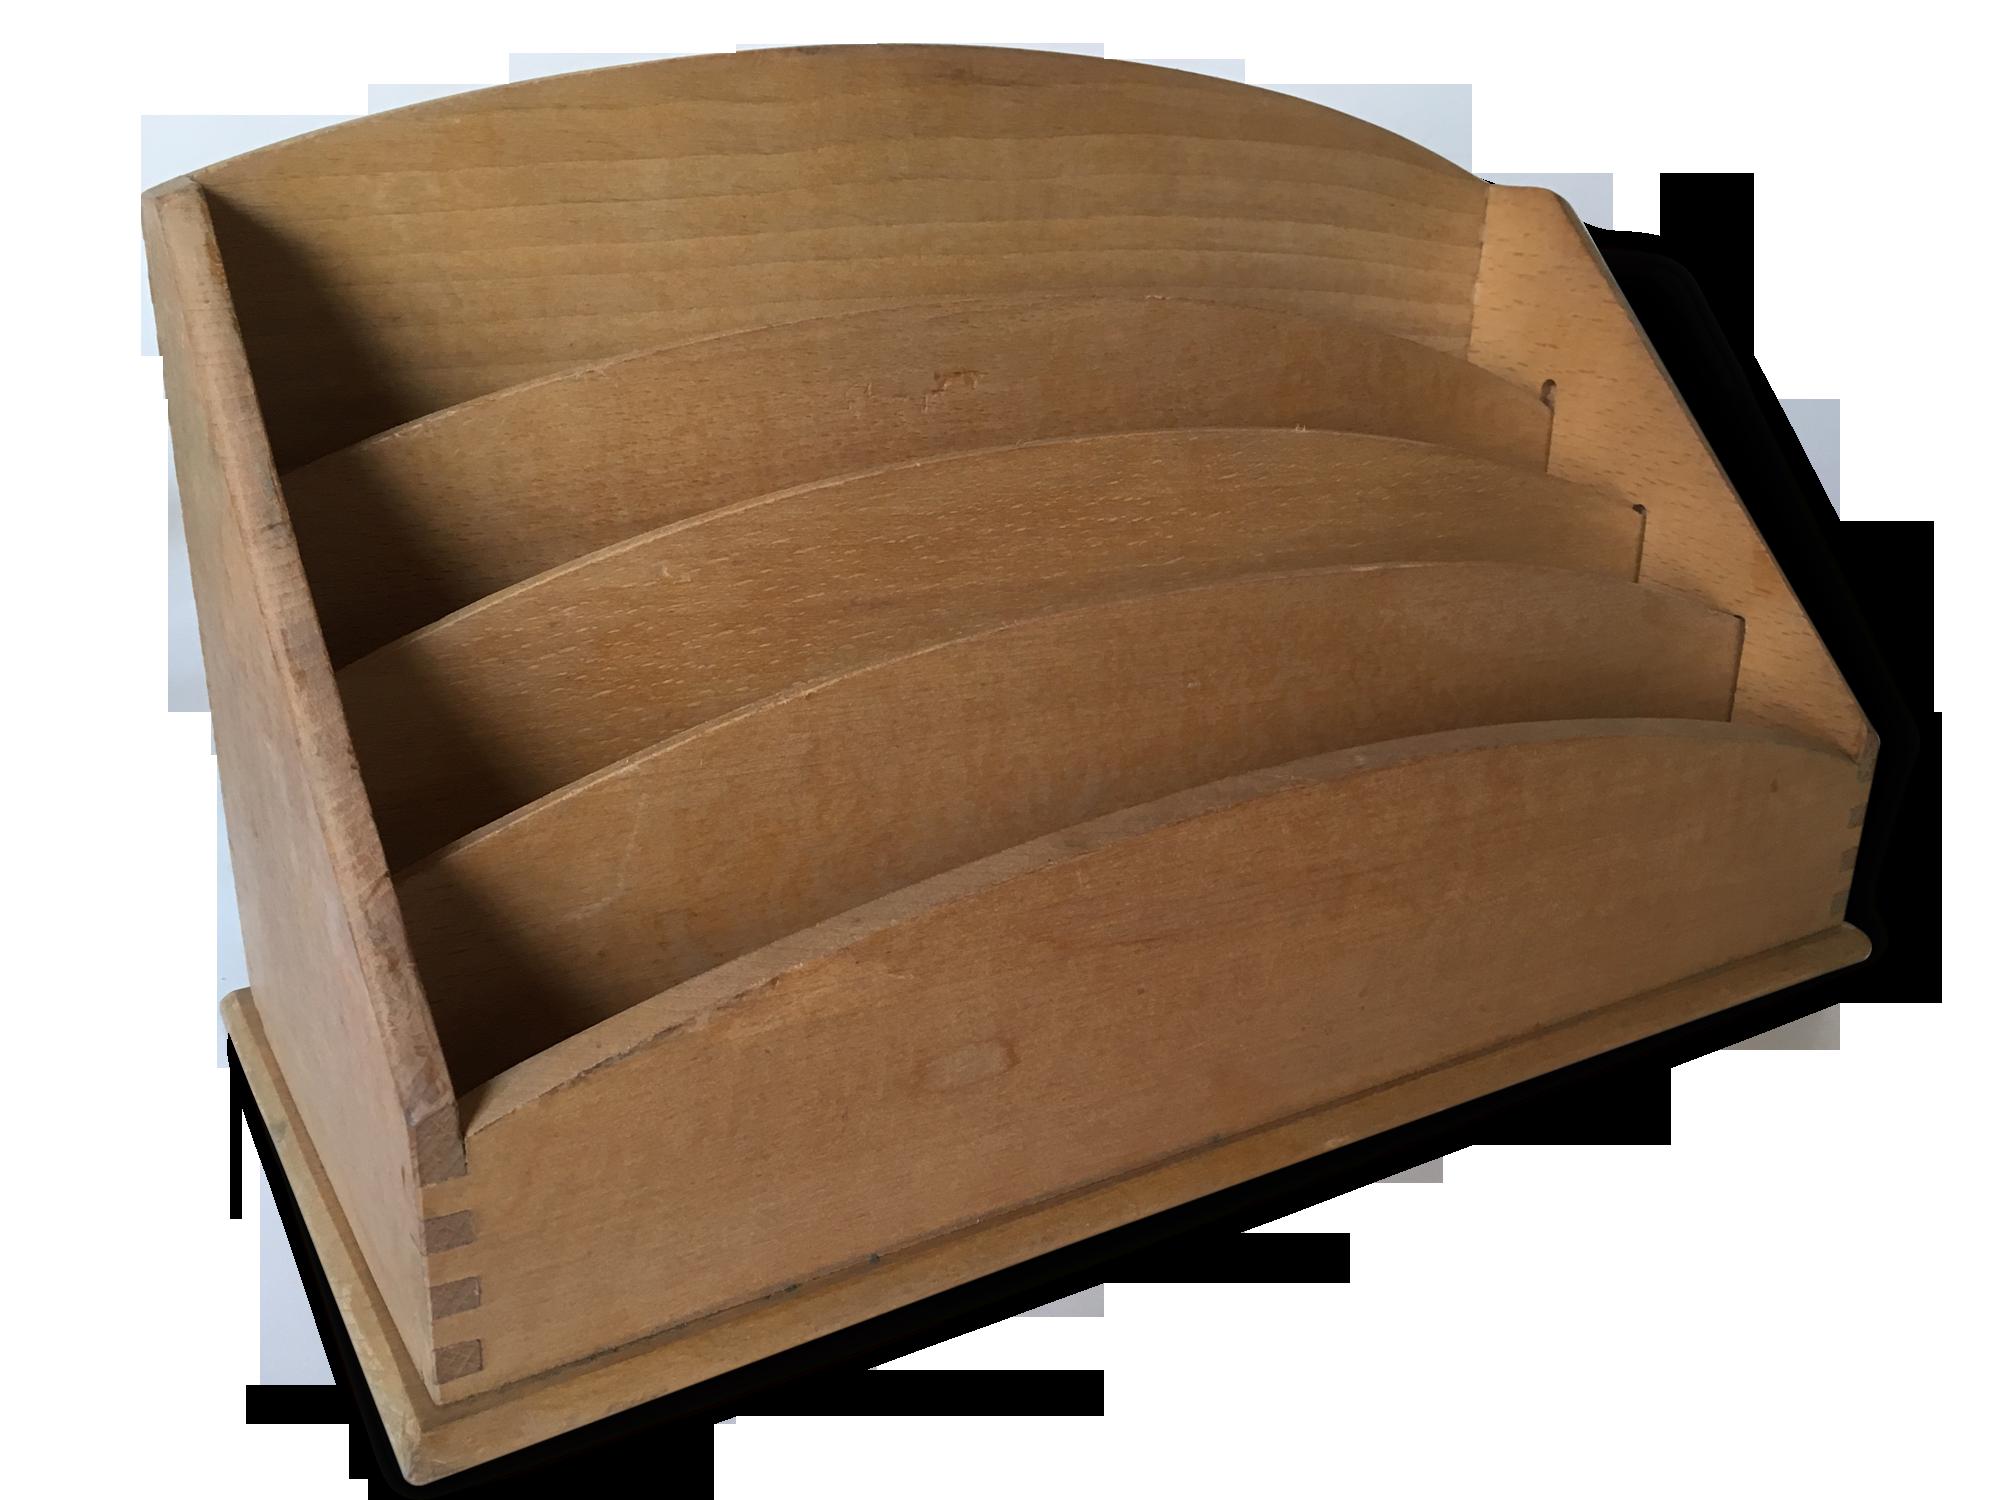 Bureau cm en bois recyclés tiroirs métal industryal